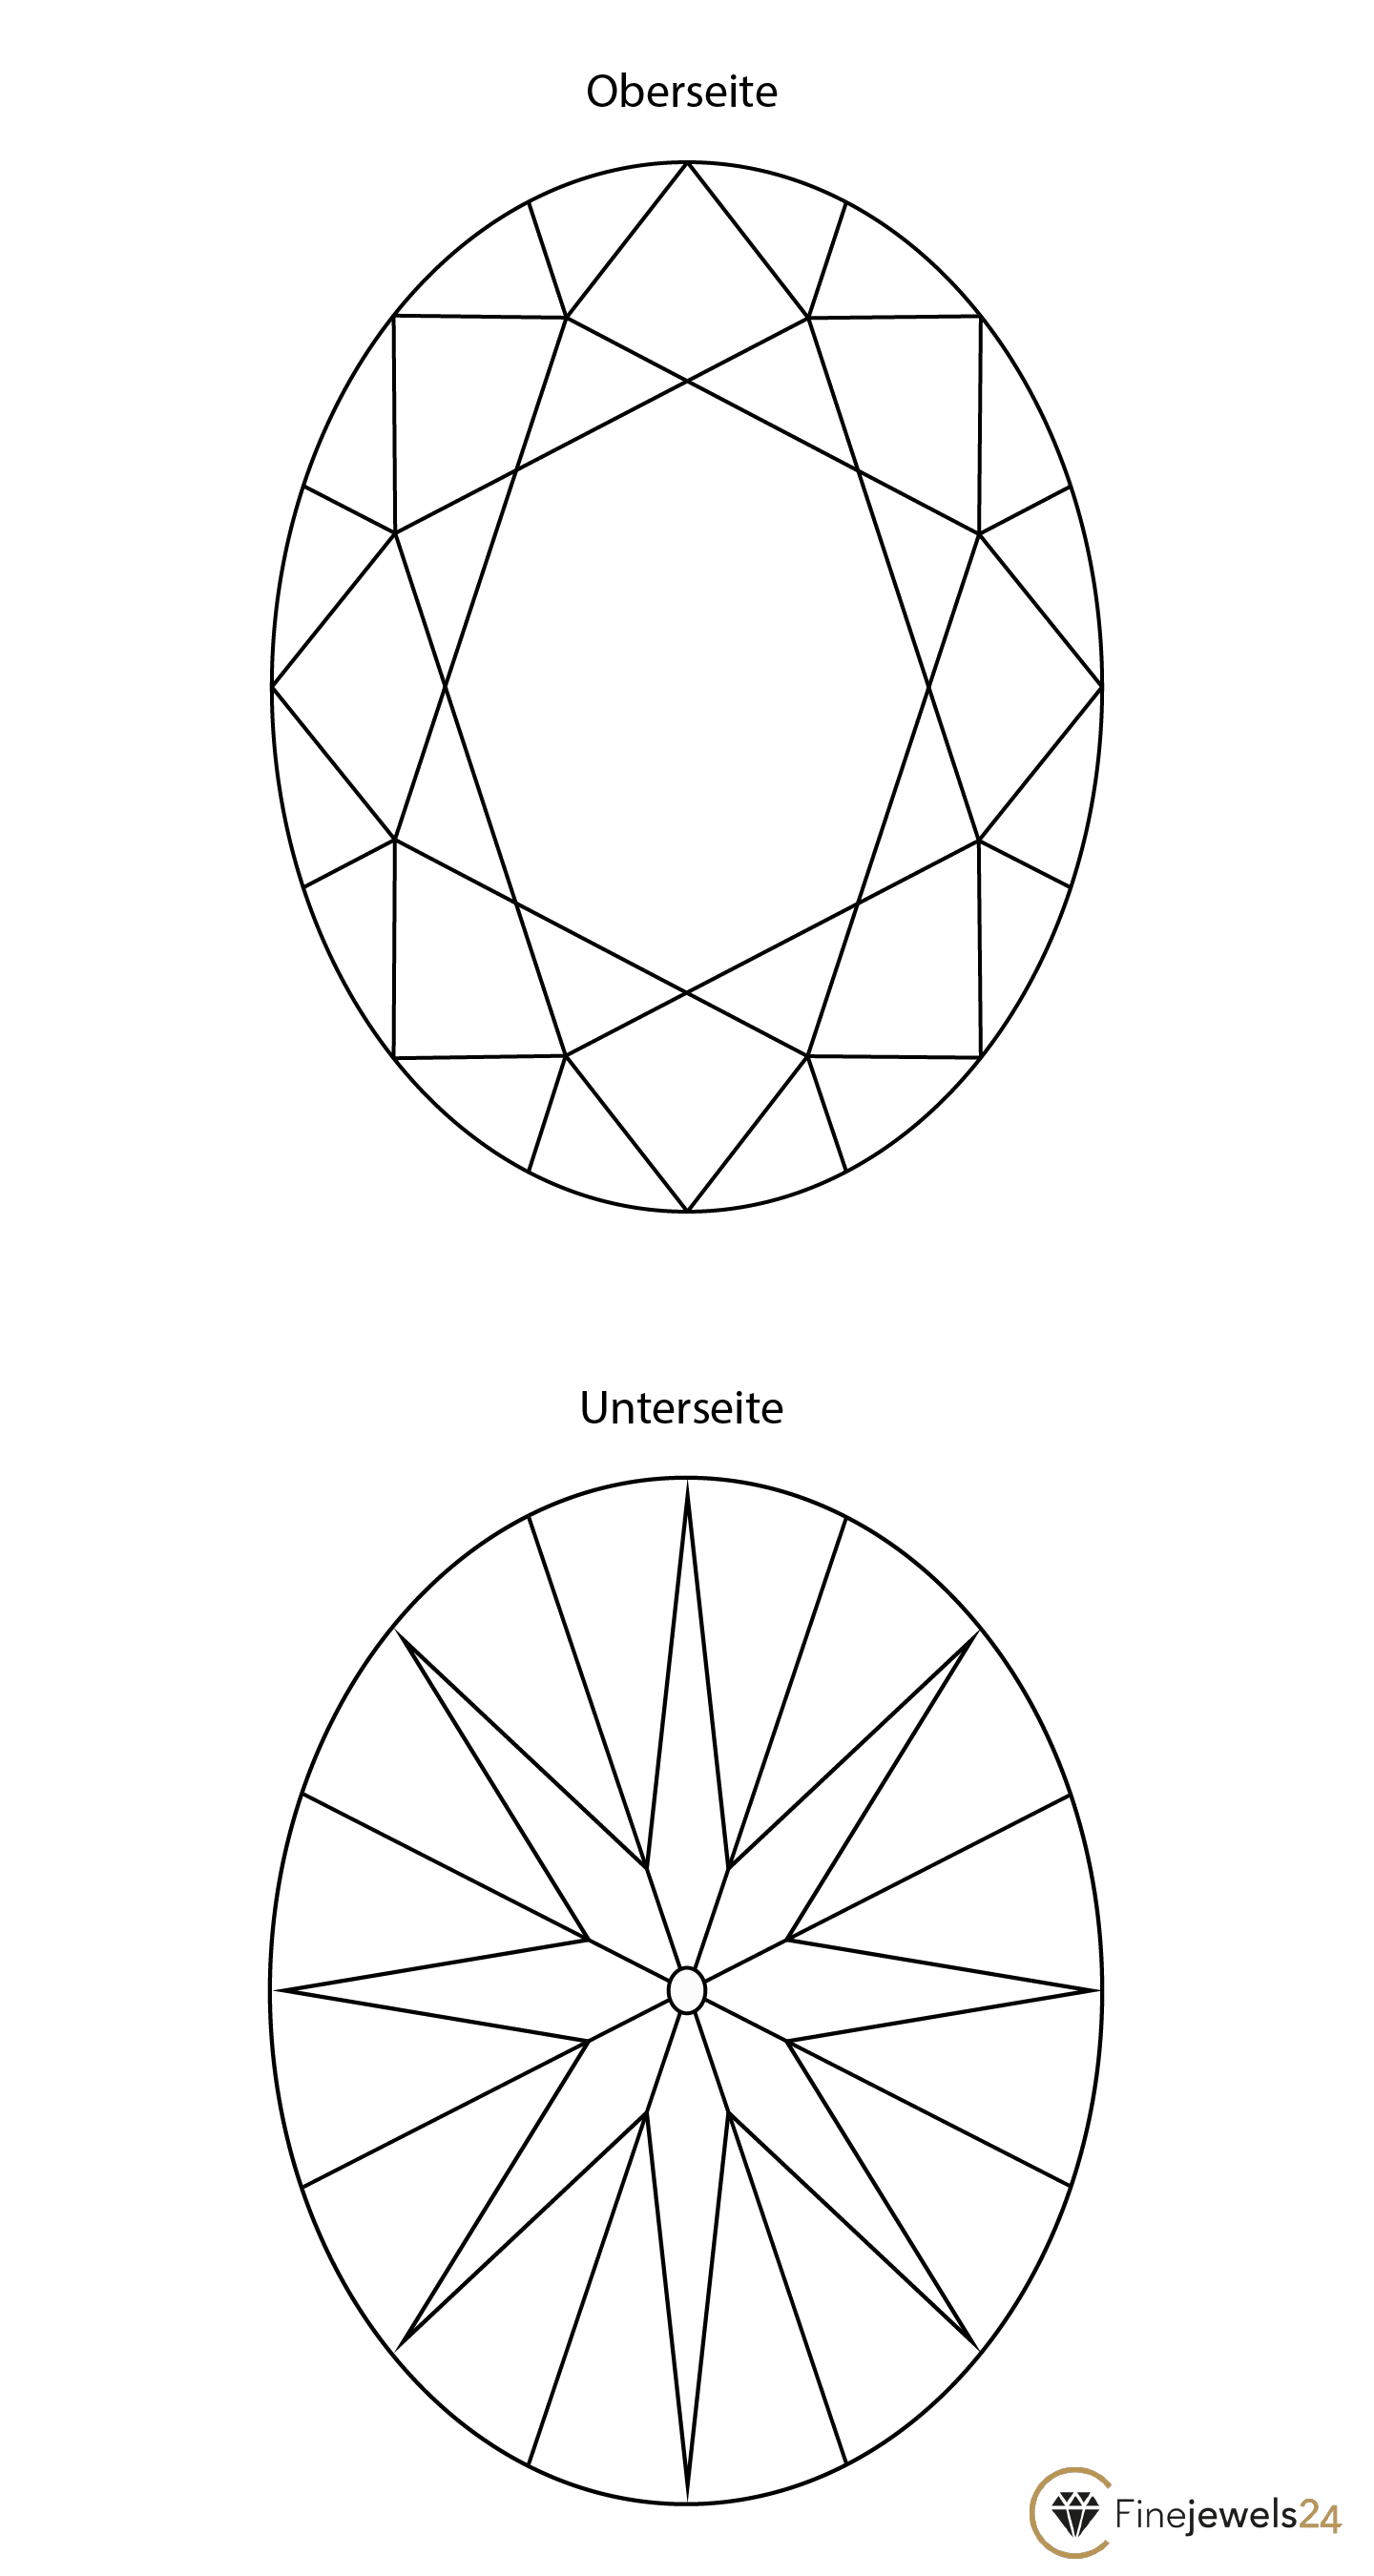 Ovalschliff Oberseite und Unterseite